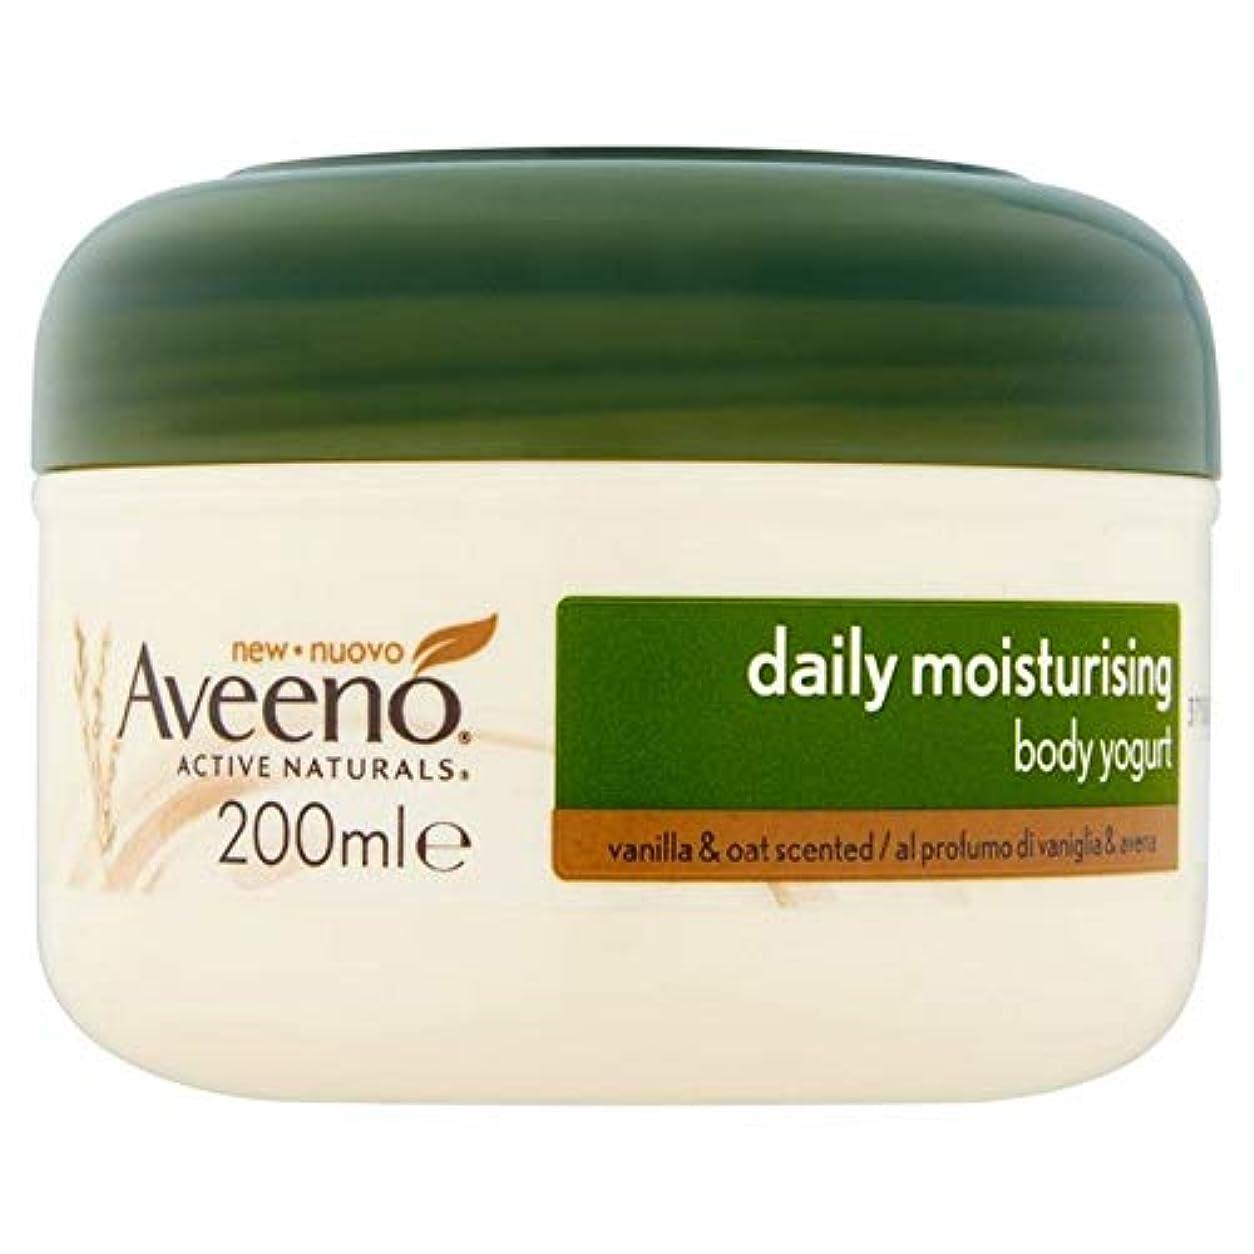 やがて水星メジャー[Aveeno] Aveeno毎日保湿ボディヨーグルトバニラ&オーツの200ミリリットル - Aveeno Daily Moisturising Body Yogurts Vanilla & Oats 200ml [並行輸入品]